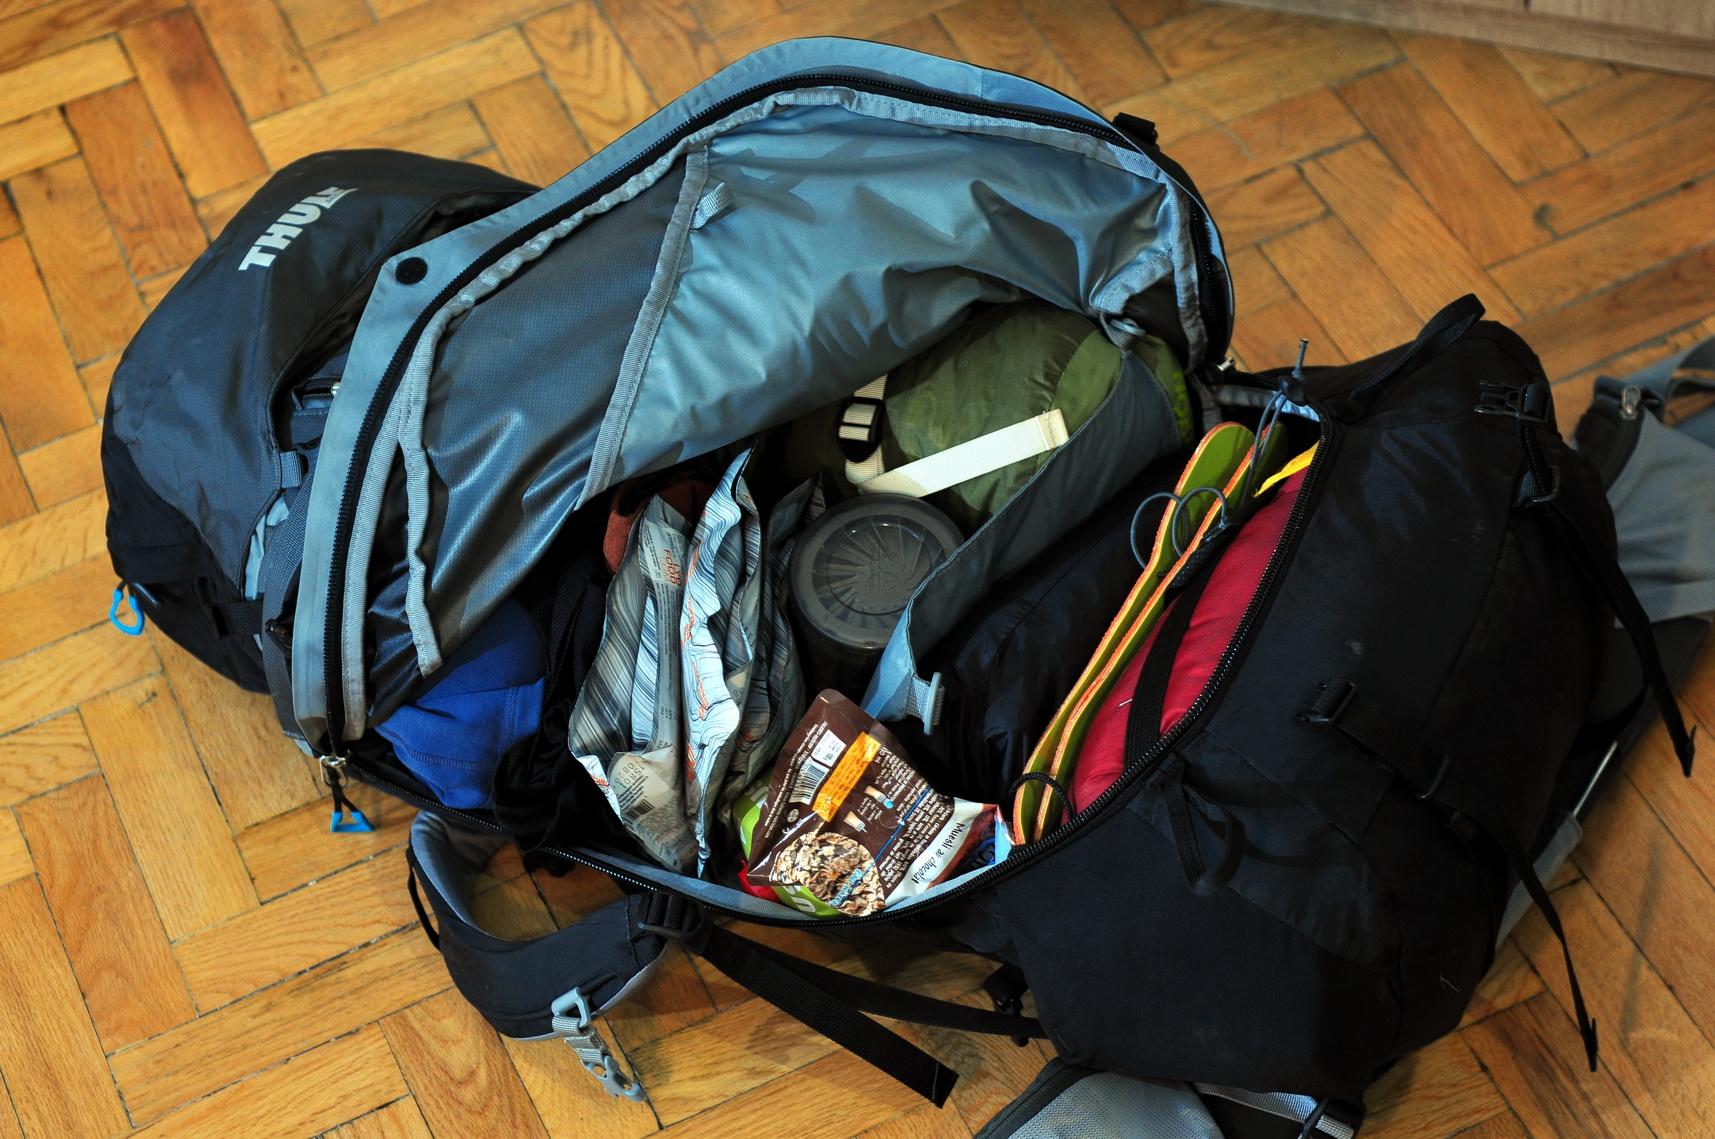 Alulról felfele a hálózsák, derékalj, konyha és ételek, ruházat Forrás: Paraferee - mozgasvilag.hu